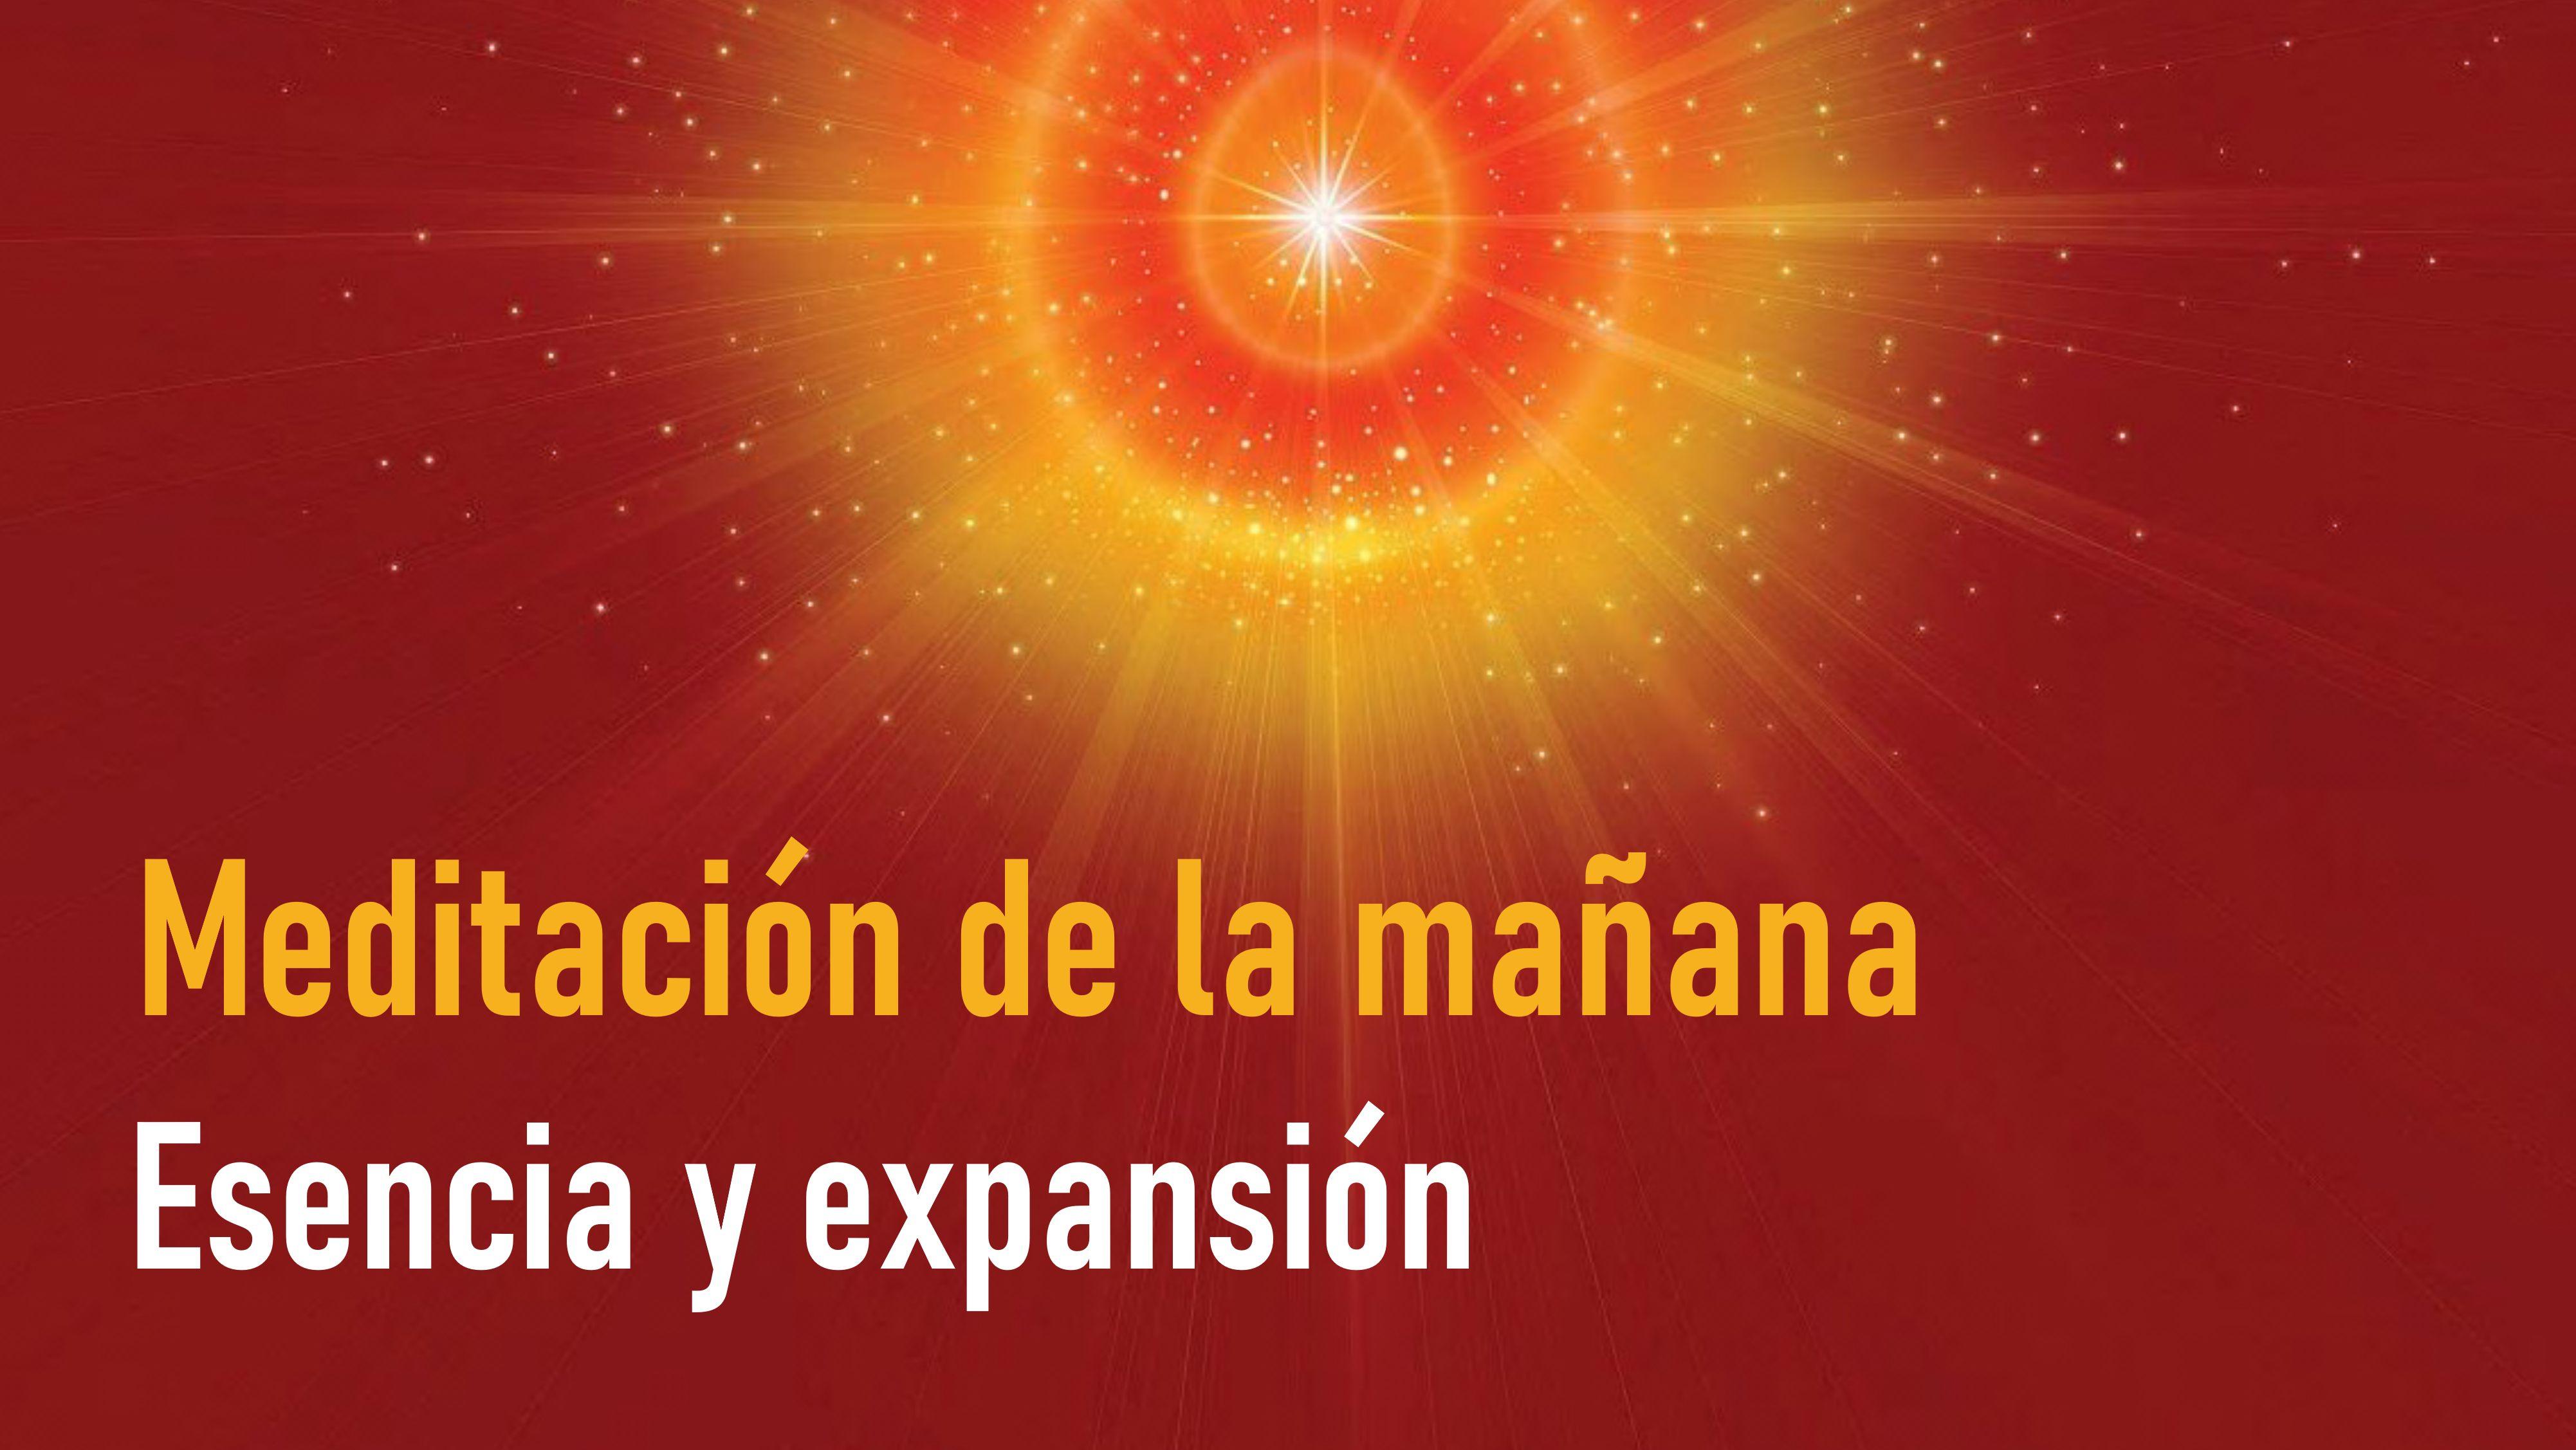 Meditación de la mañana: Esencia y expansión  (13 Mayo 2020)